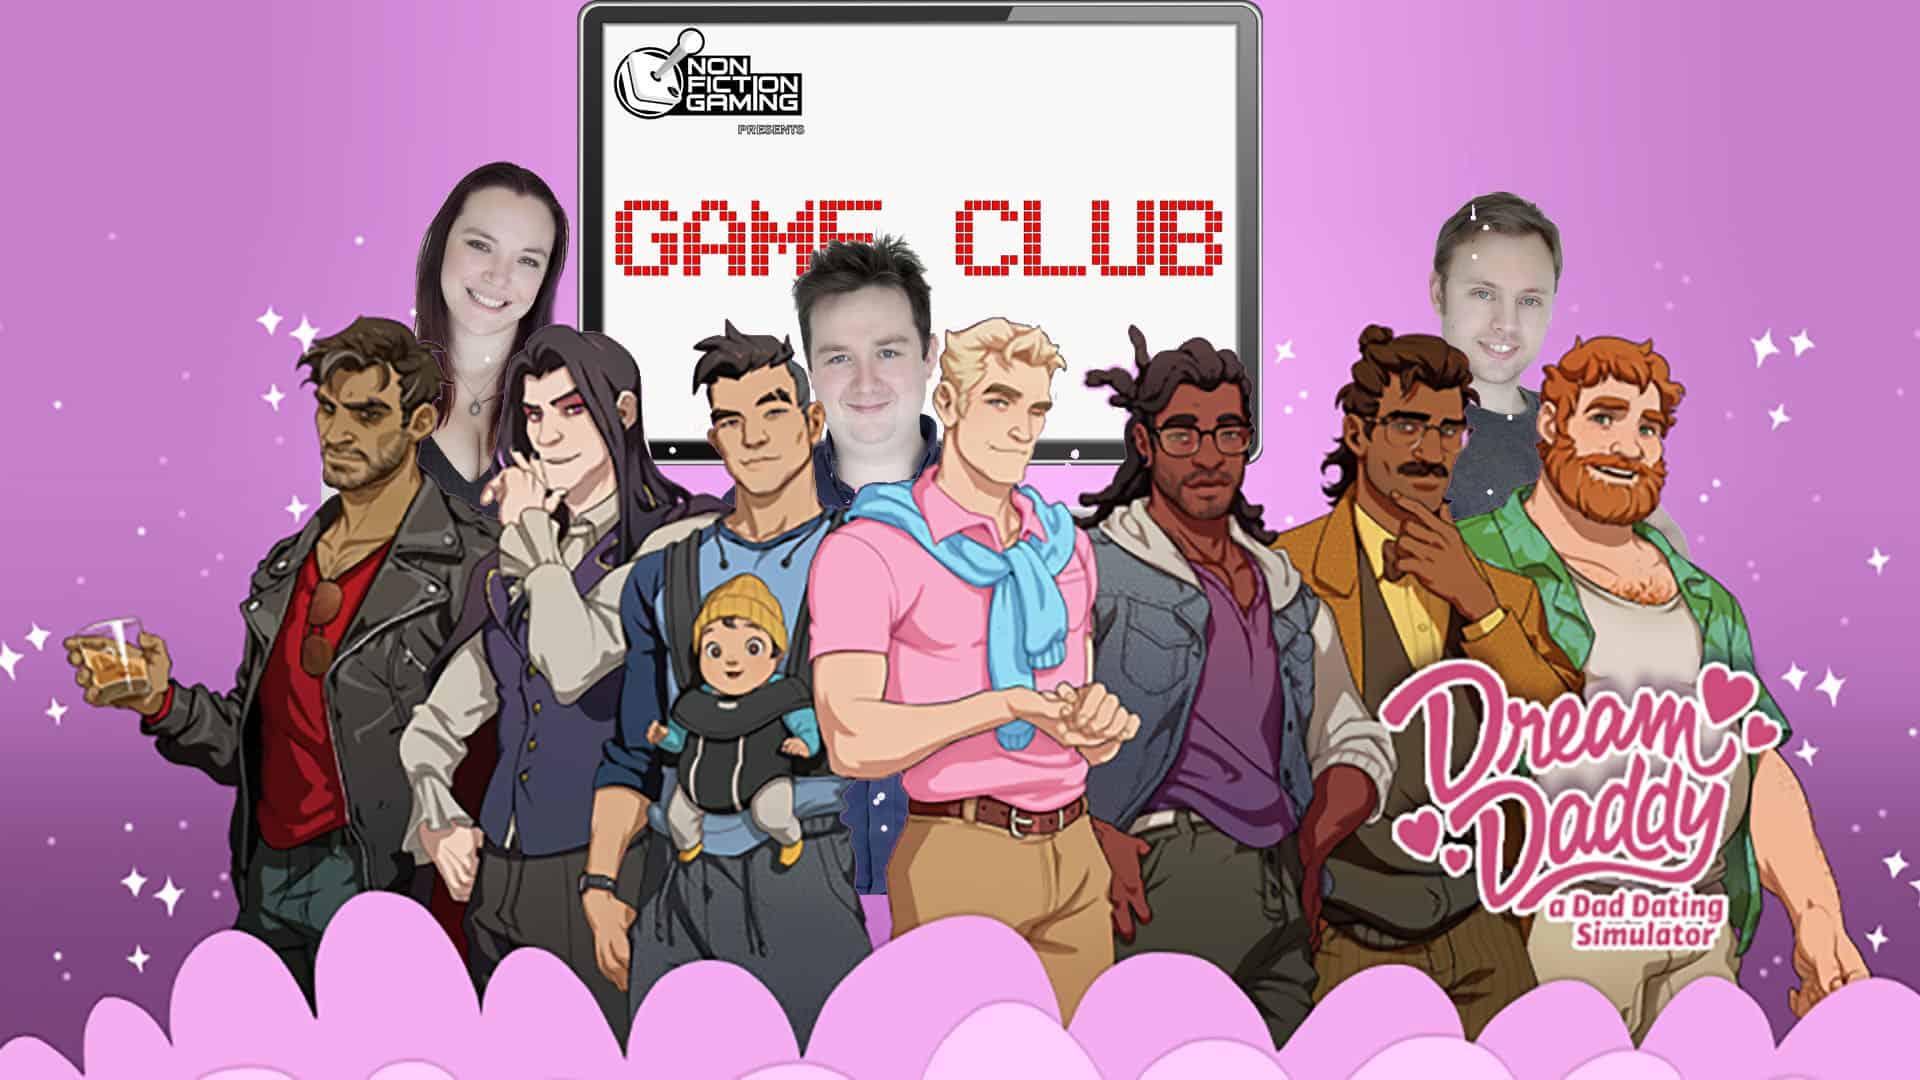 Dream Daddy Game Club